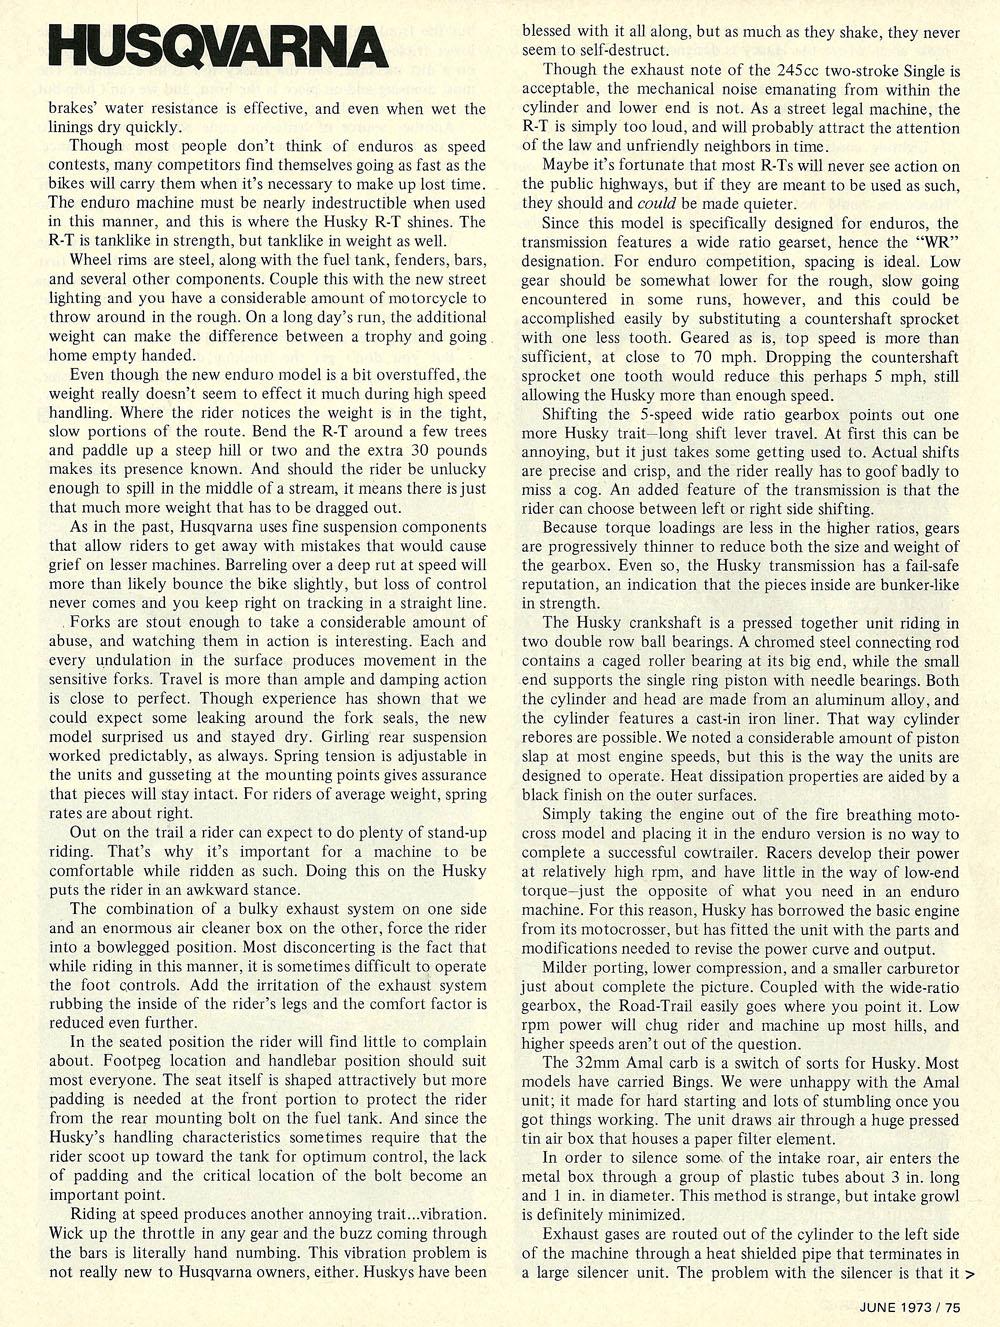 1973 Husqvarna 250 wr road test 04.jpg